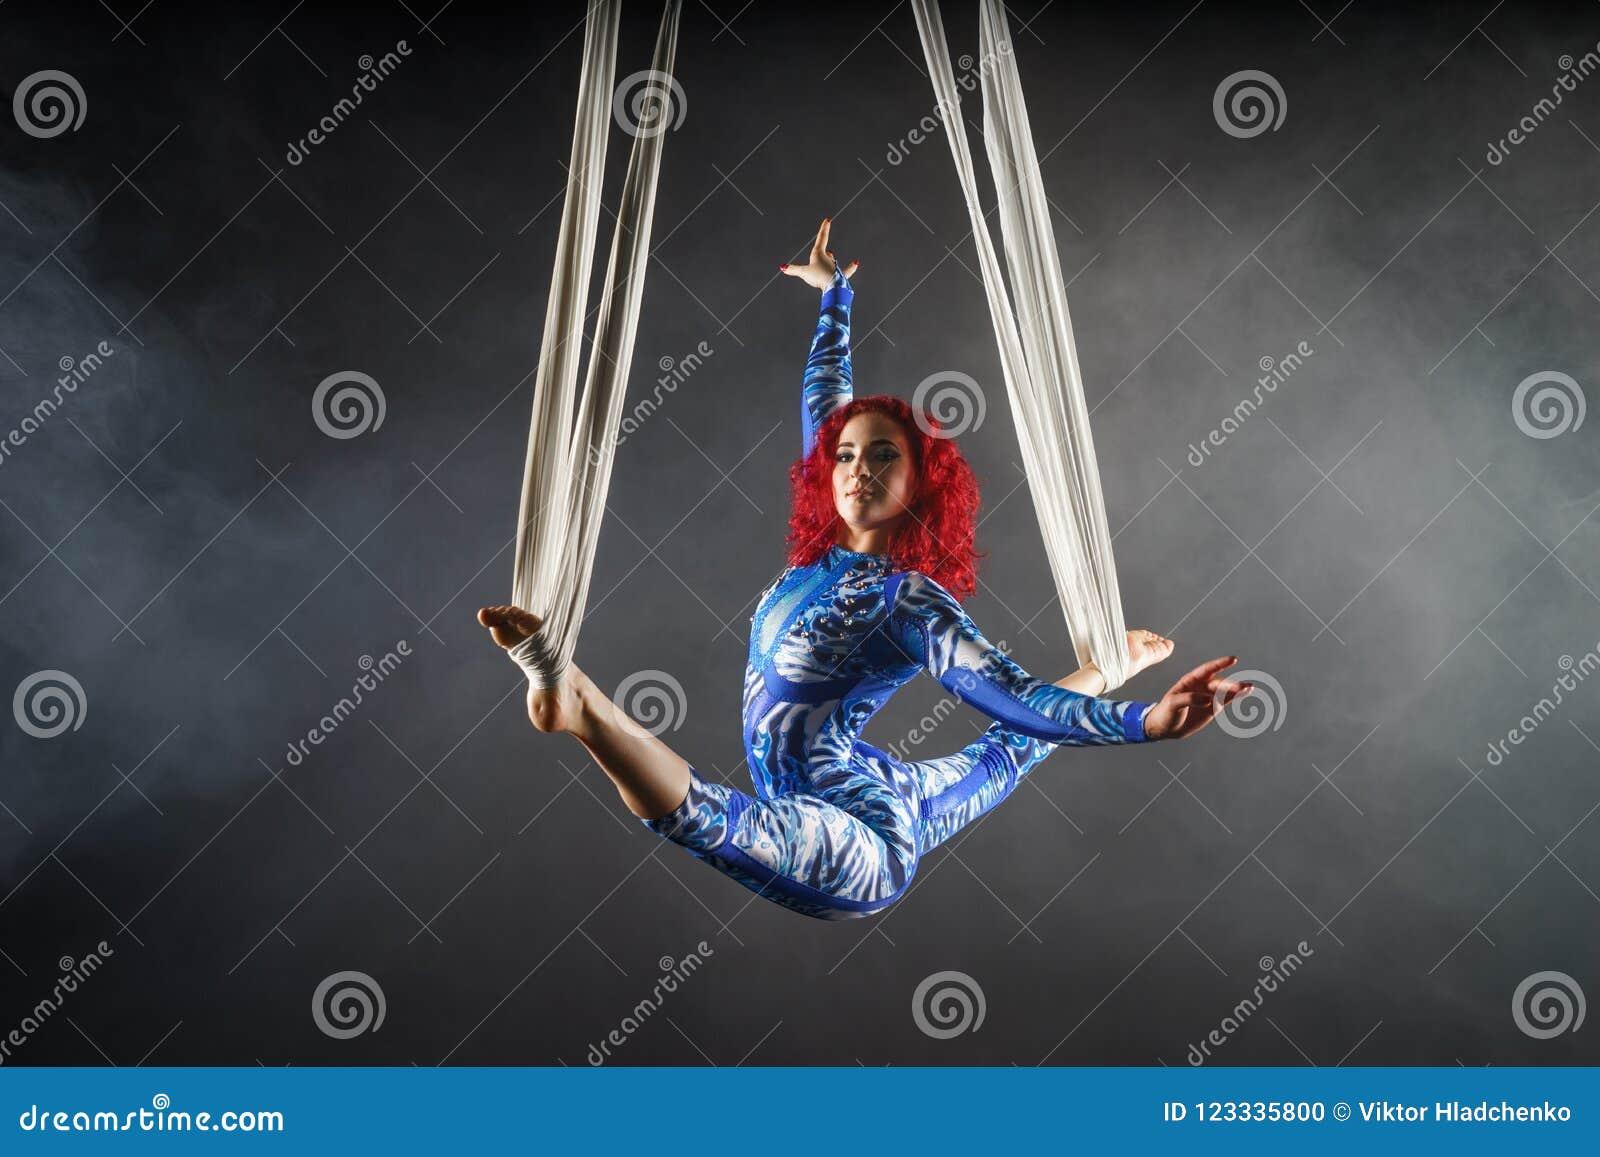 Artista aéreo  sexy  atlético do circo com o ruivo na dança azul do traje no ar com equilíbrio